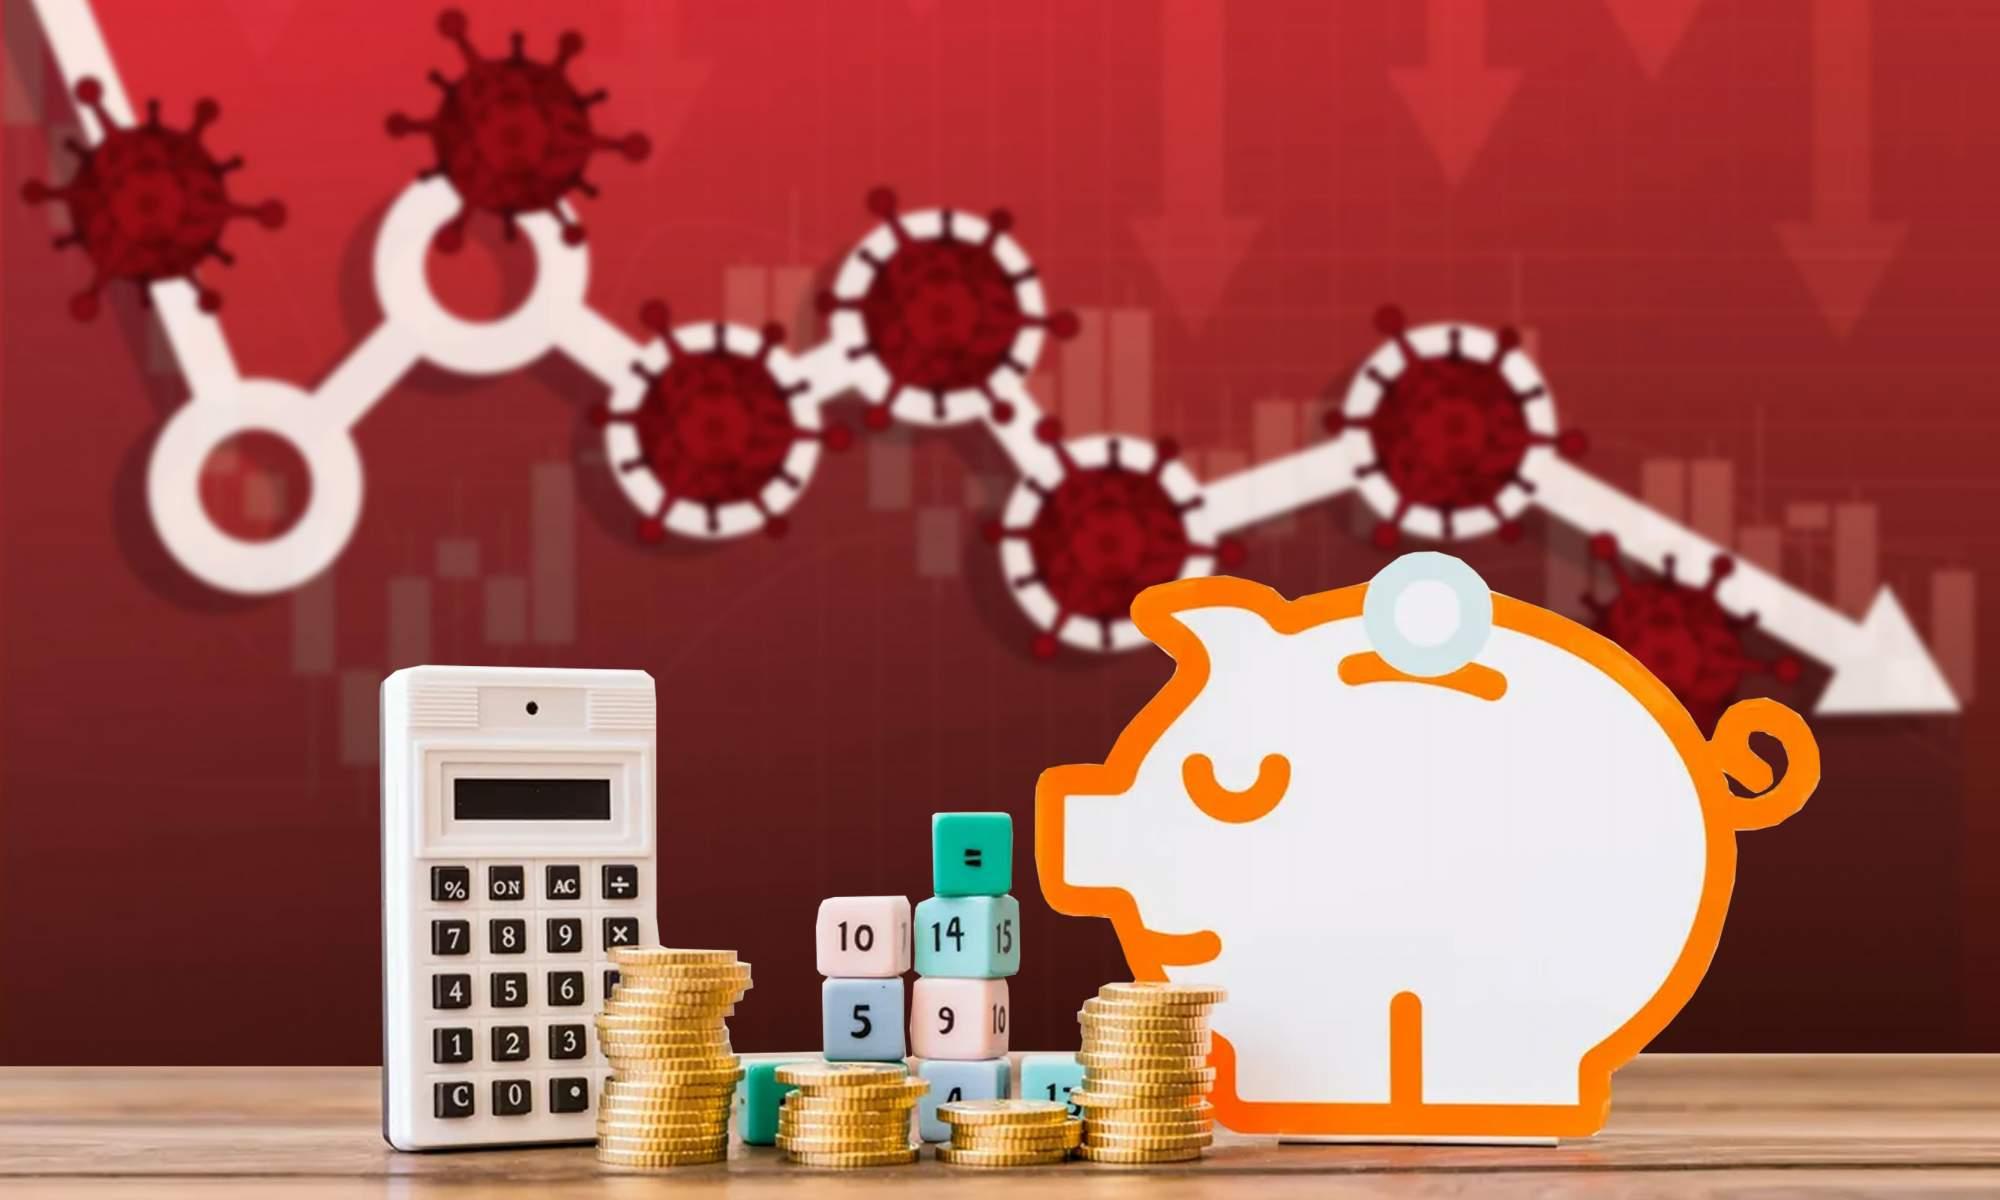 Mutual Fund Investment in Covid-19 Scenario